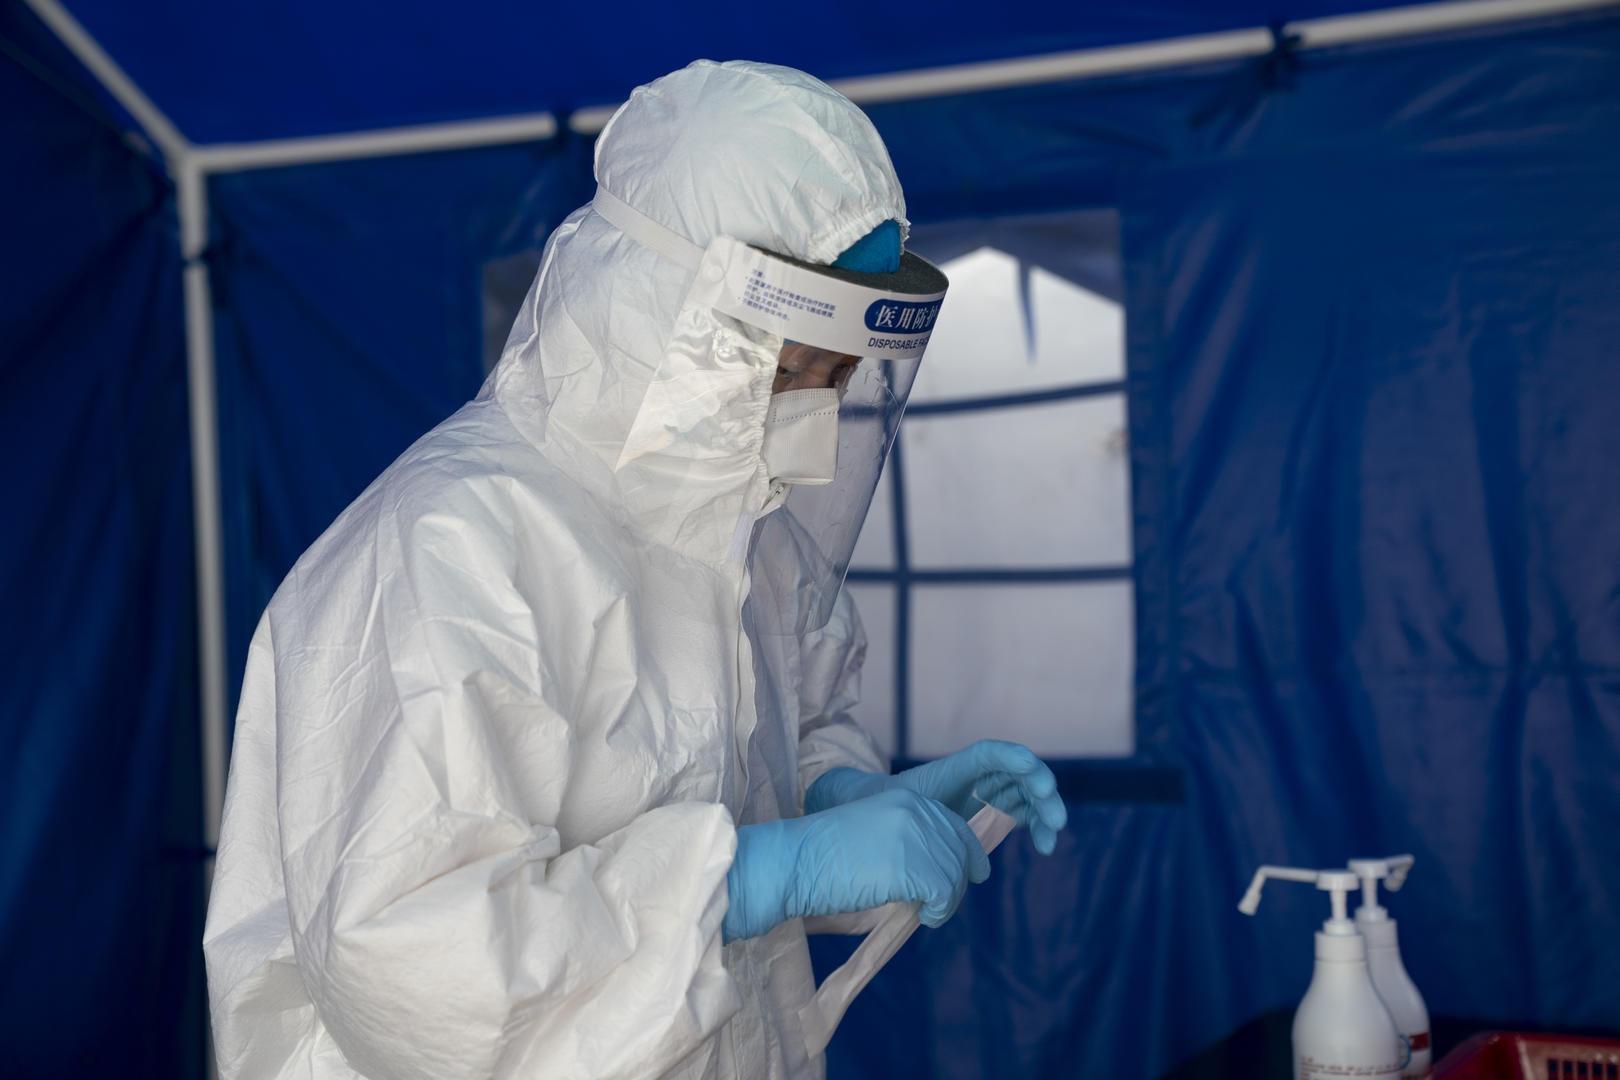 国家卫健委:目前我国每天核酸检测能力为150万份 还需进一步